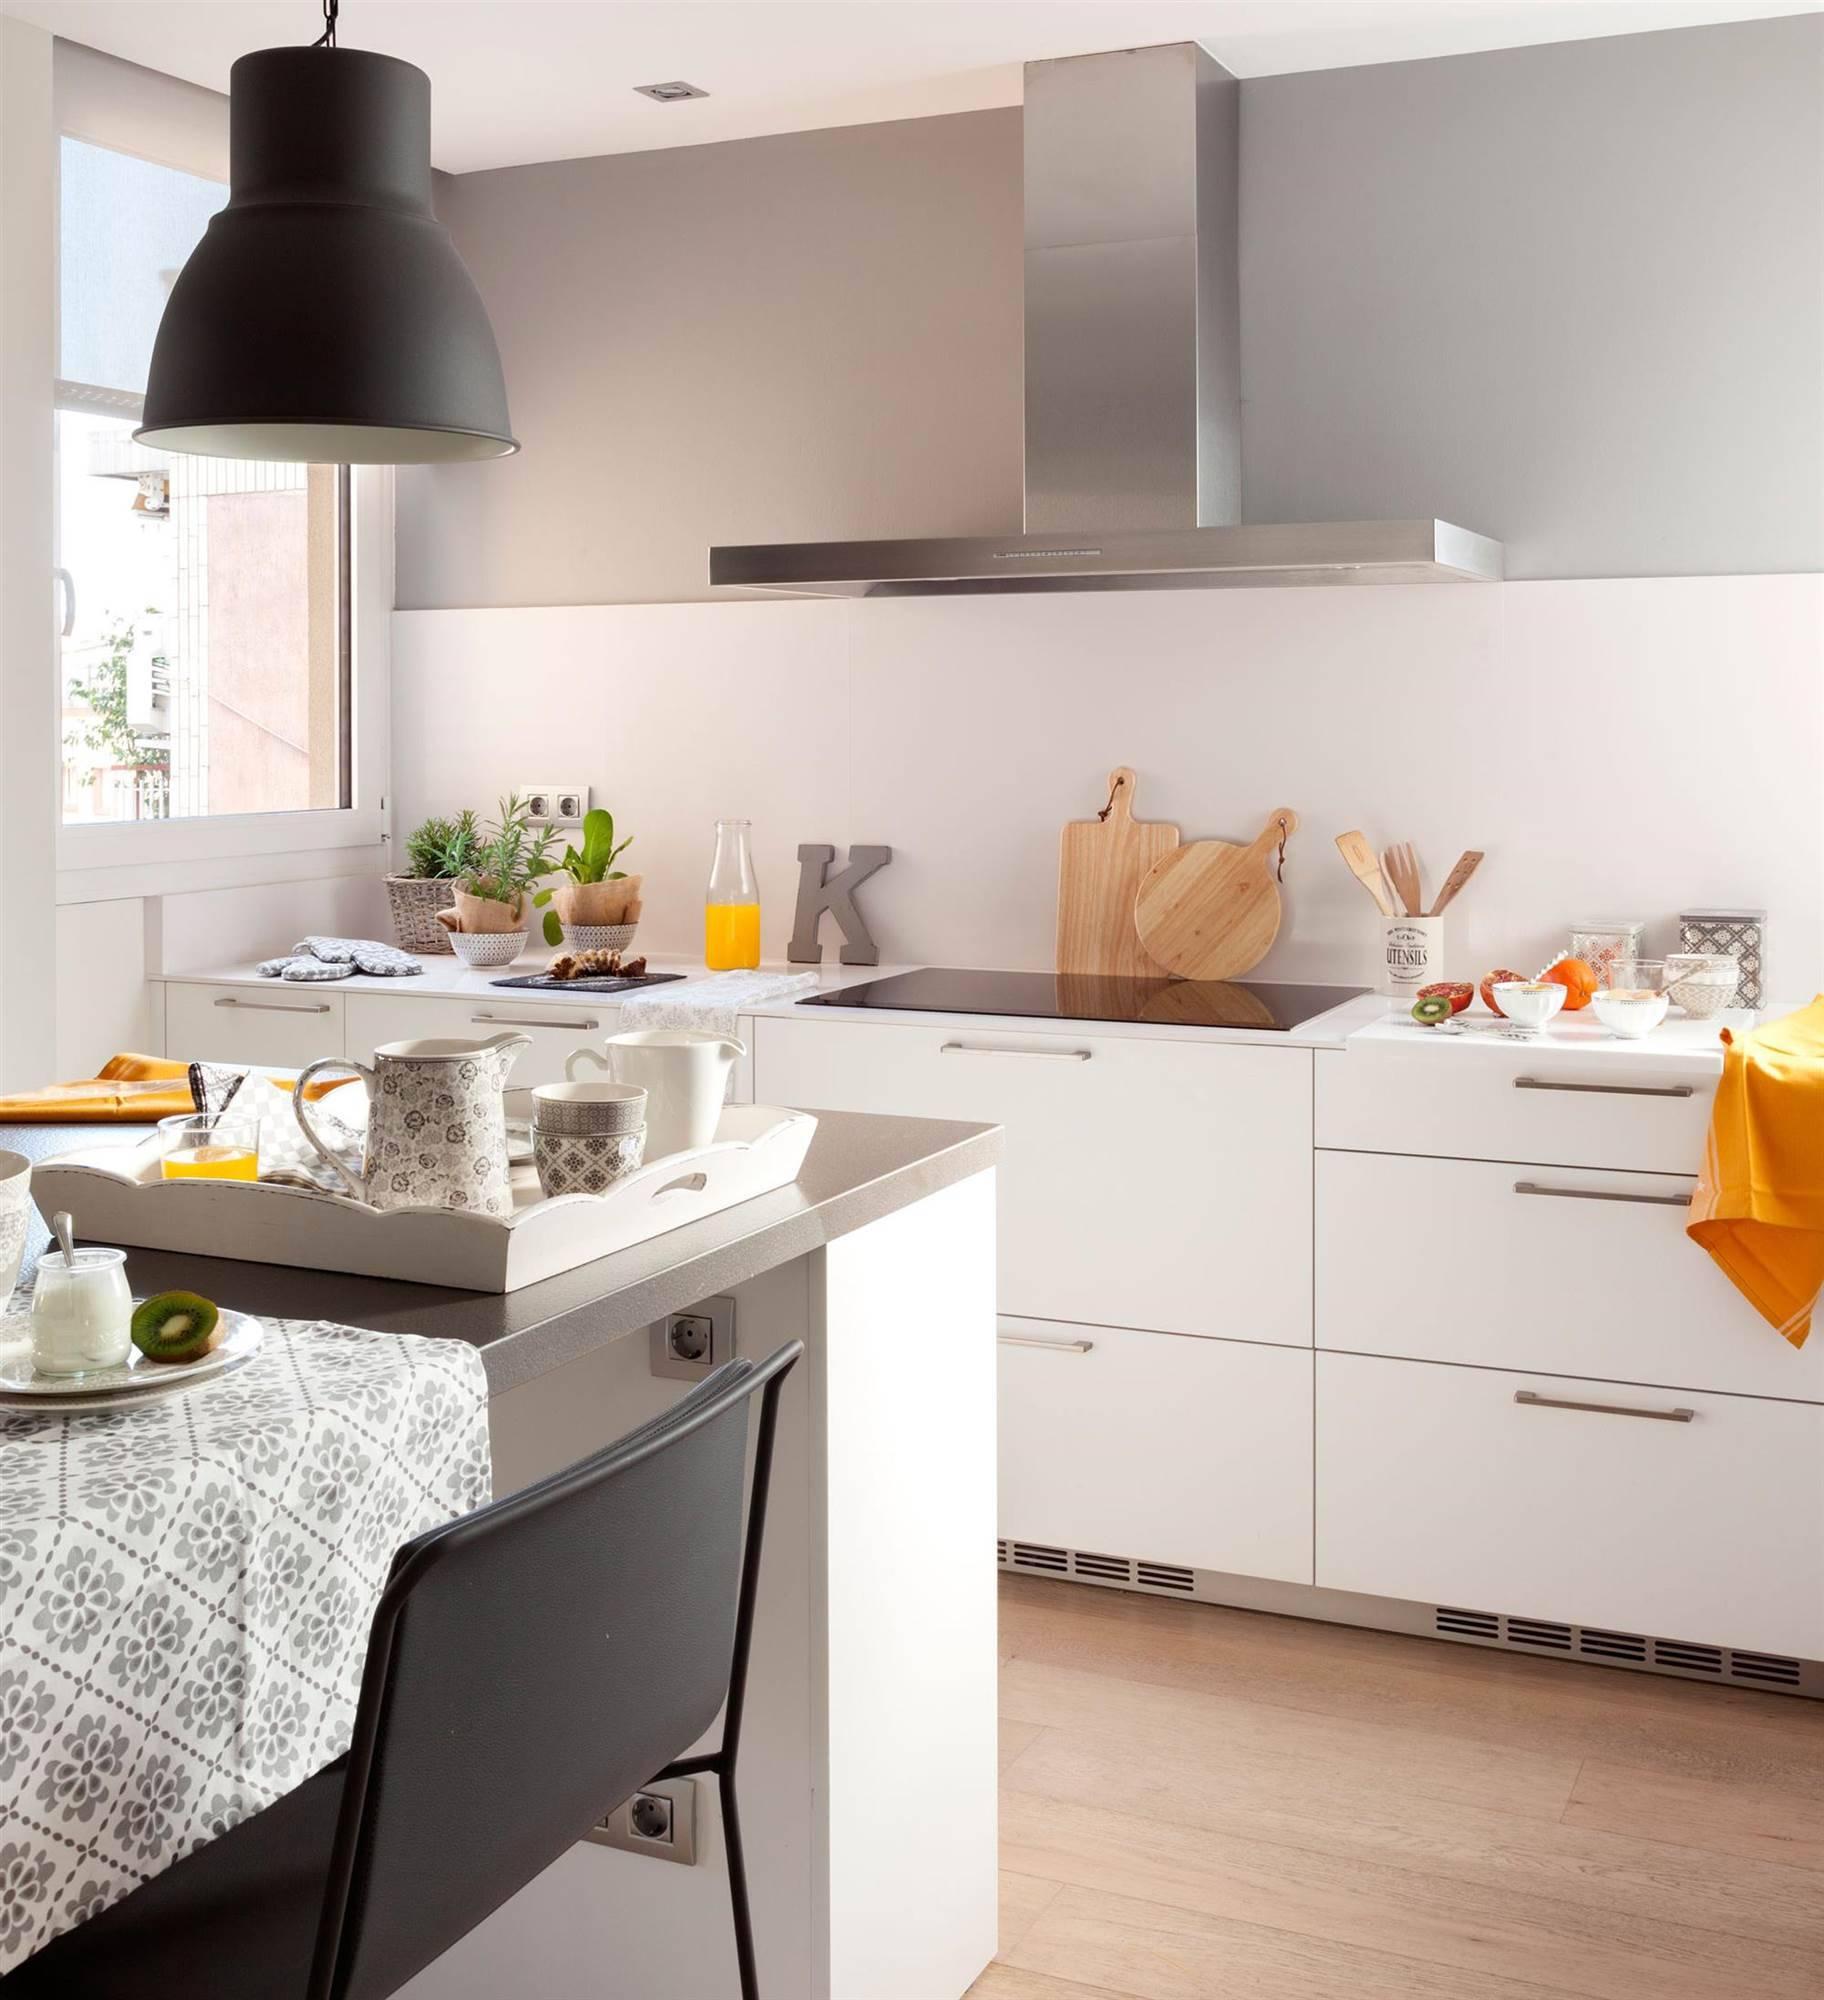 Salpicaderos un elemento discreto pero decisivo en tu cocina - Materiales de encimeras de cocina ...